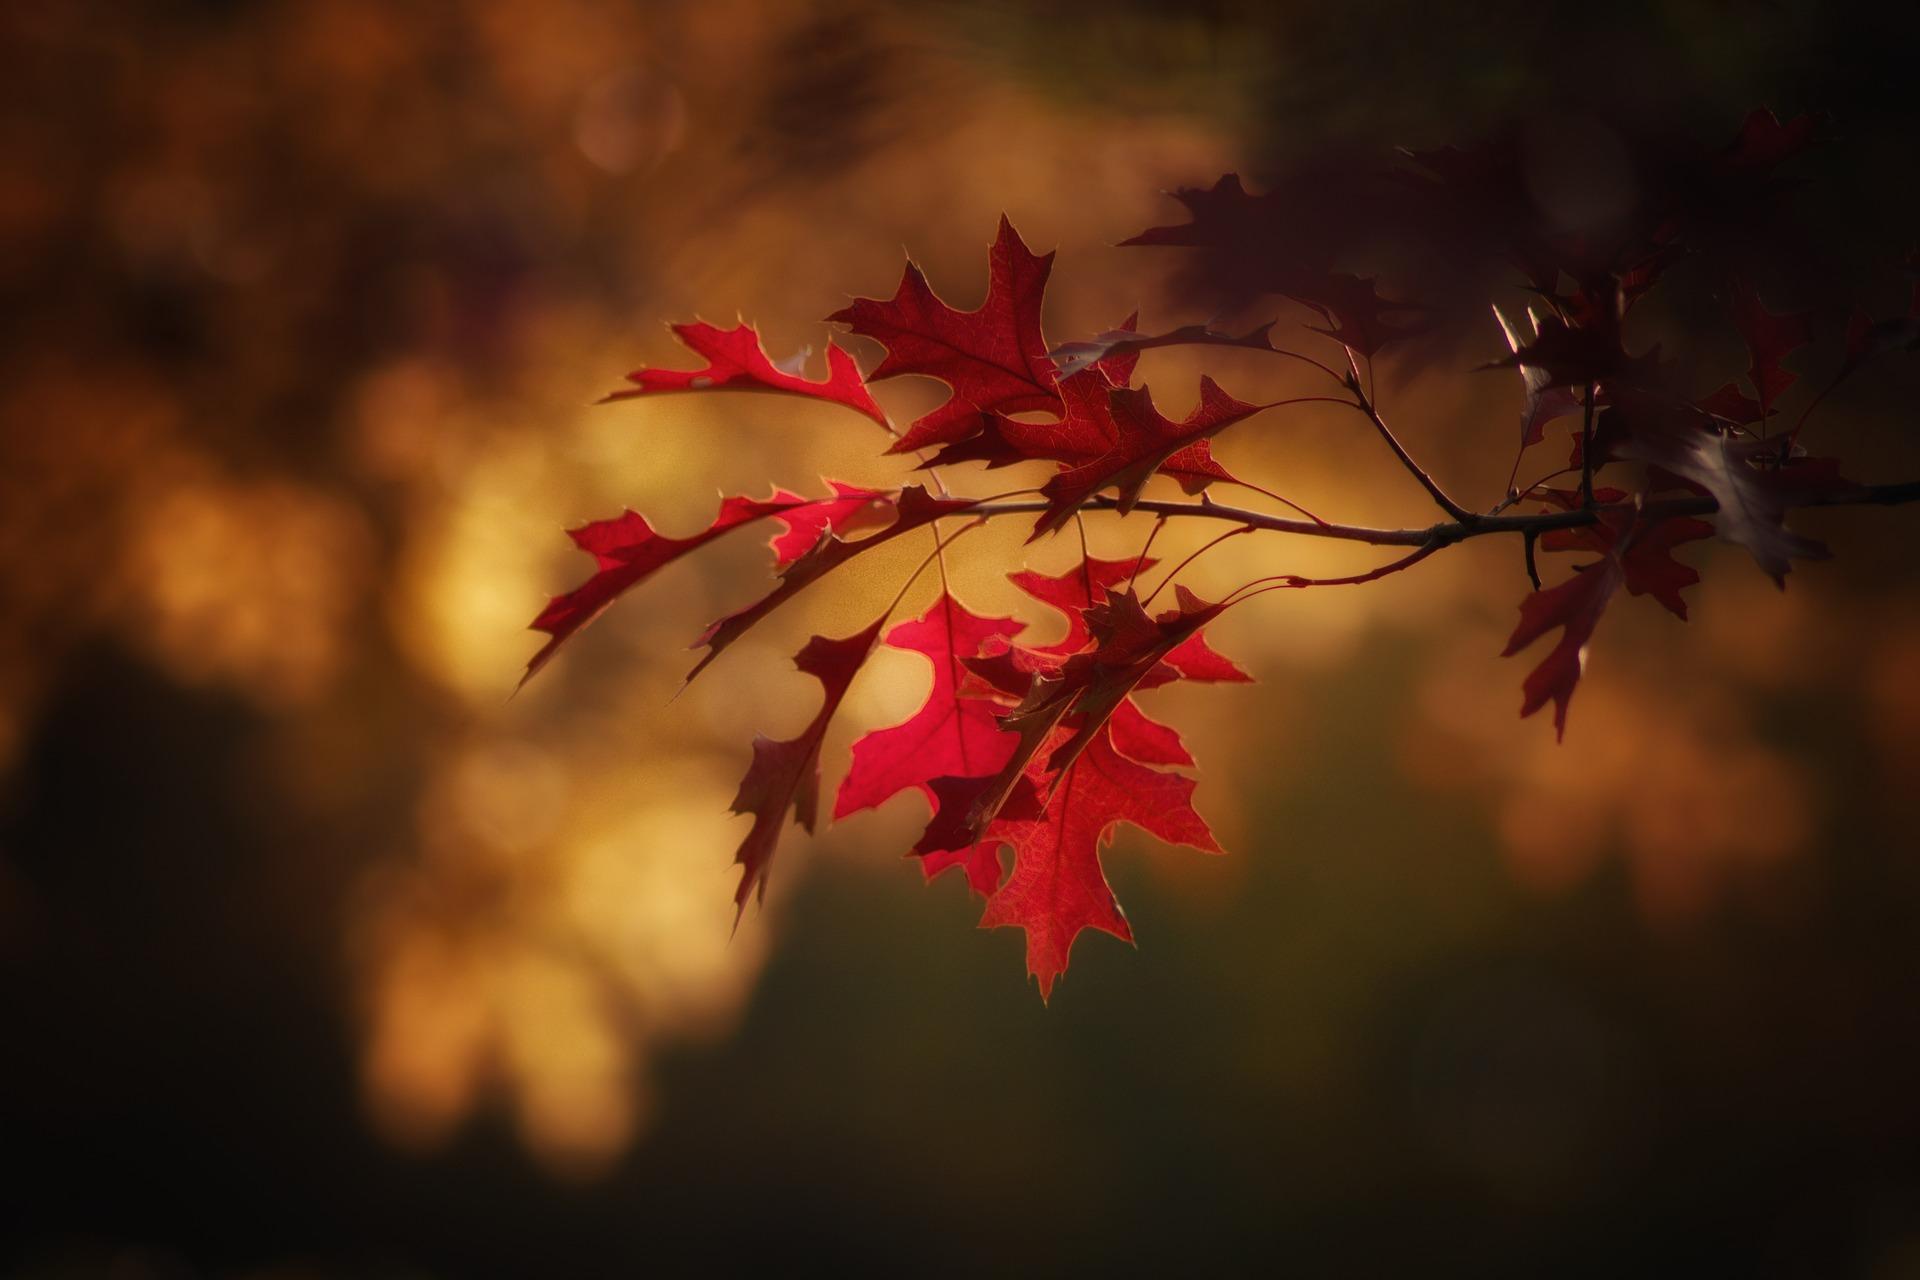 maple-leaves-2895335_1920